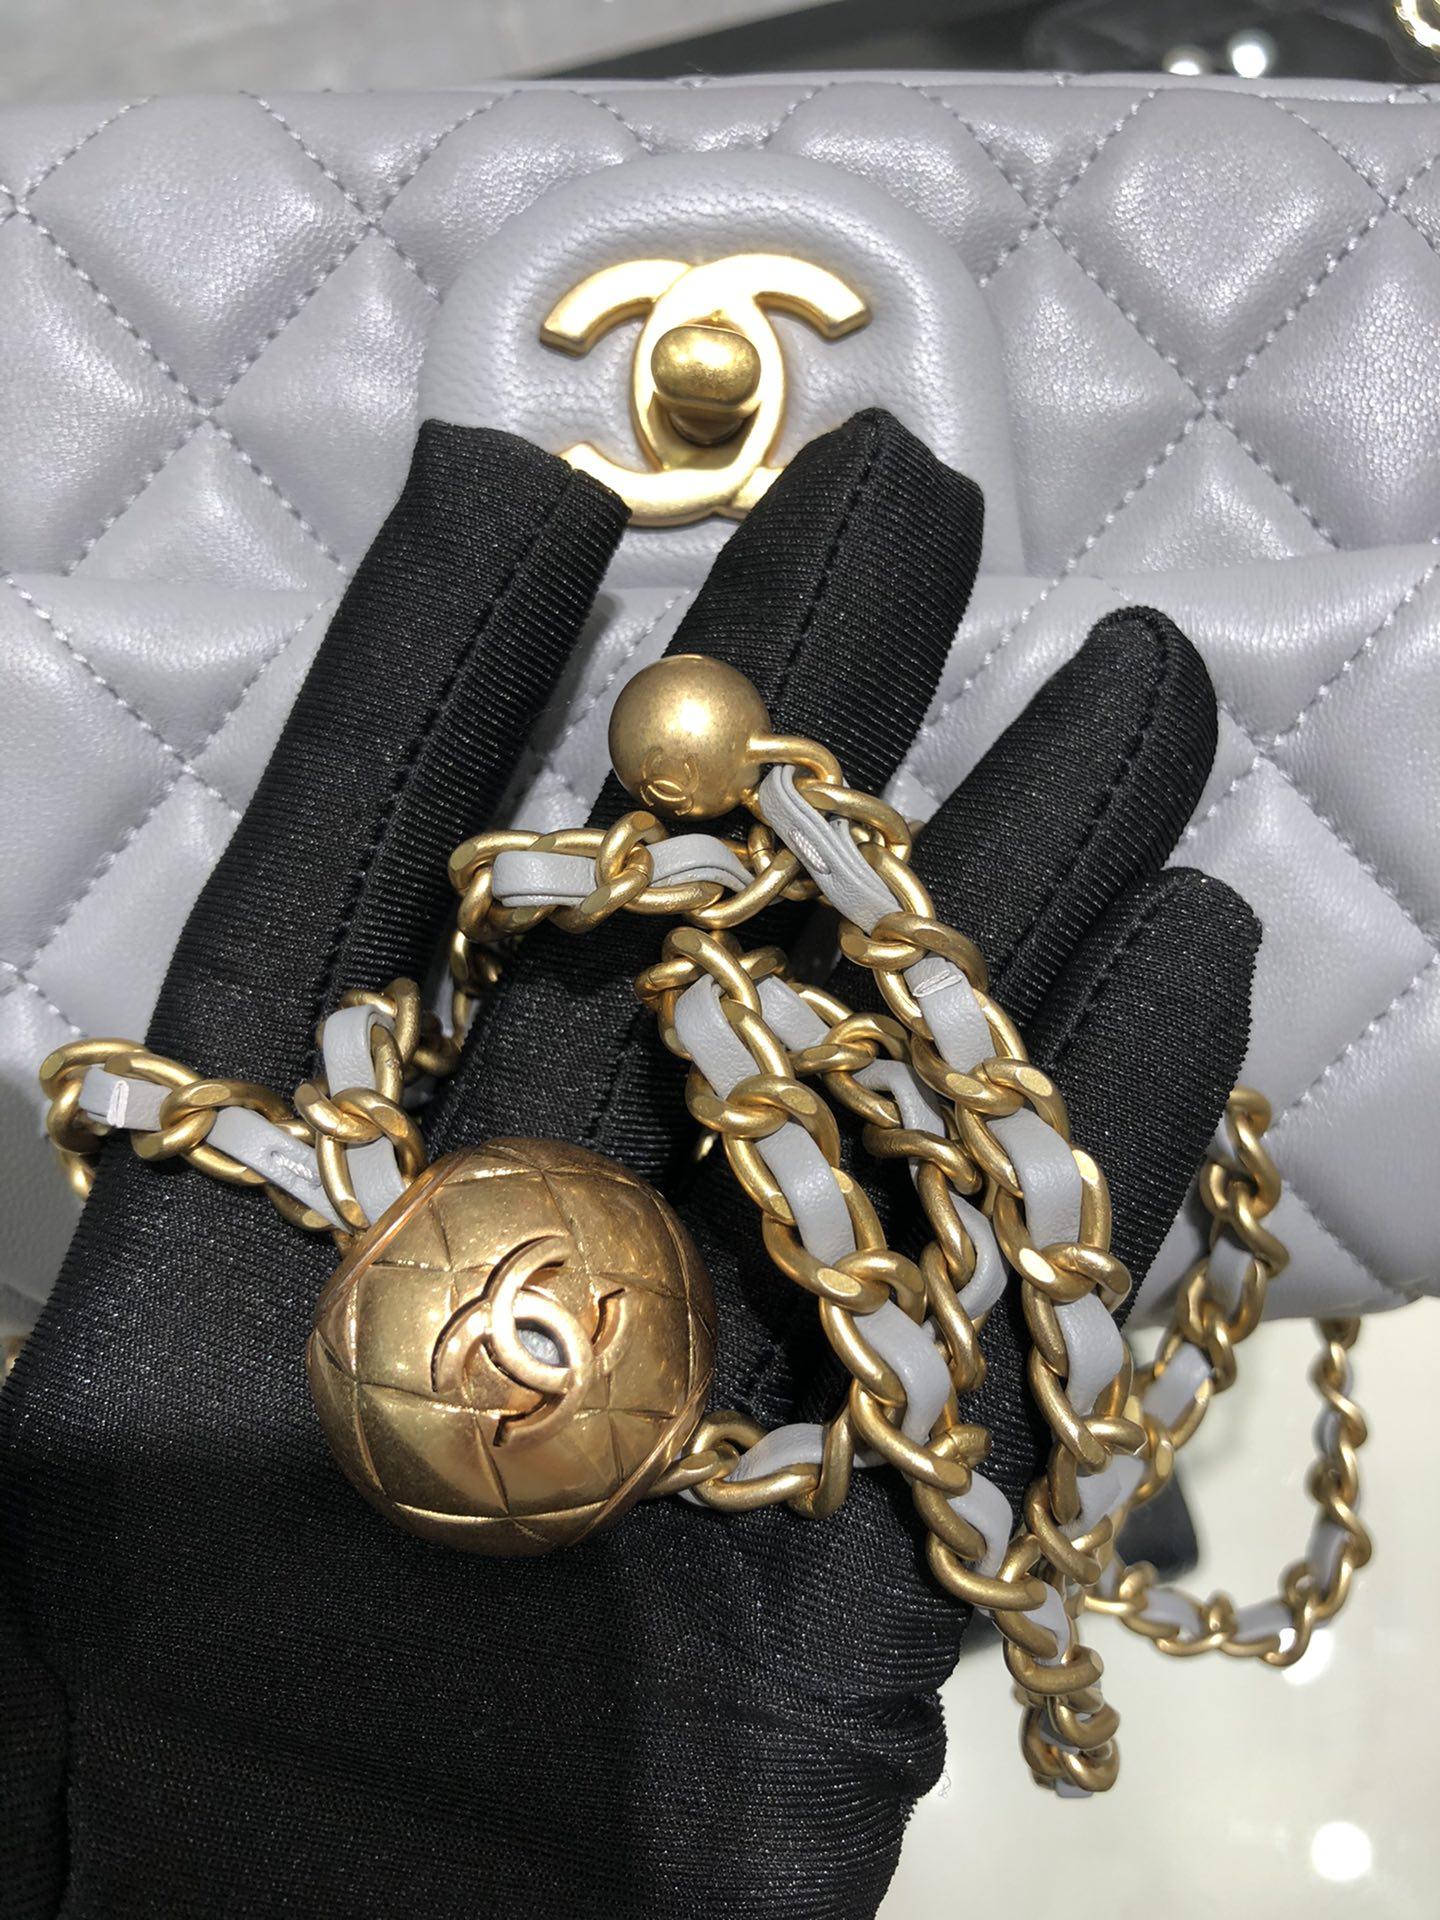 香奈儿官网 2020 超美金属球方胖子Chanel~尺寸13.20.7cm~保留经典~配上复古五金~超好看~灰色